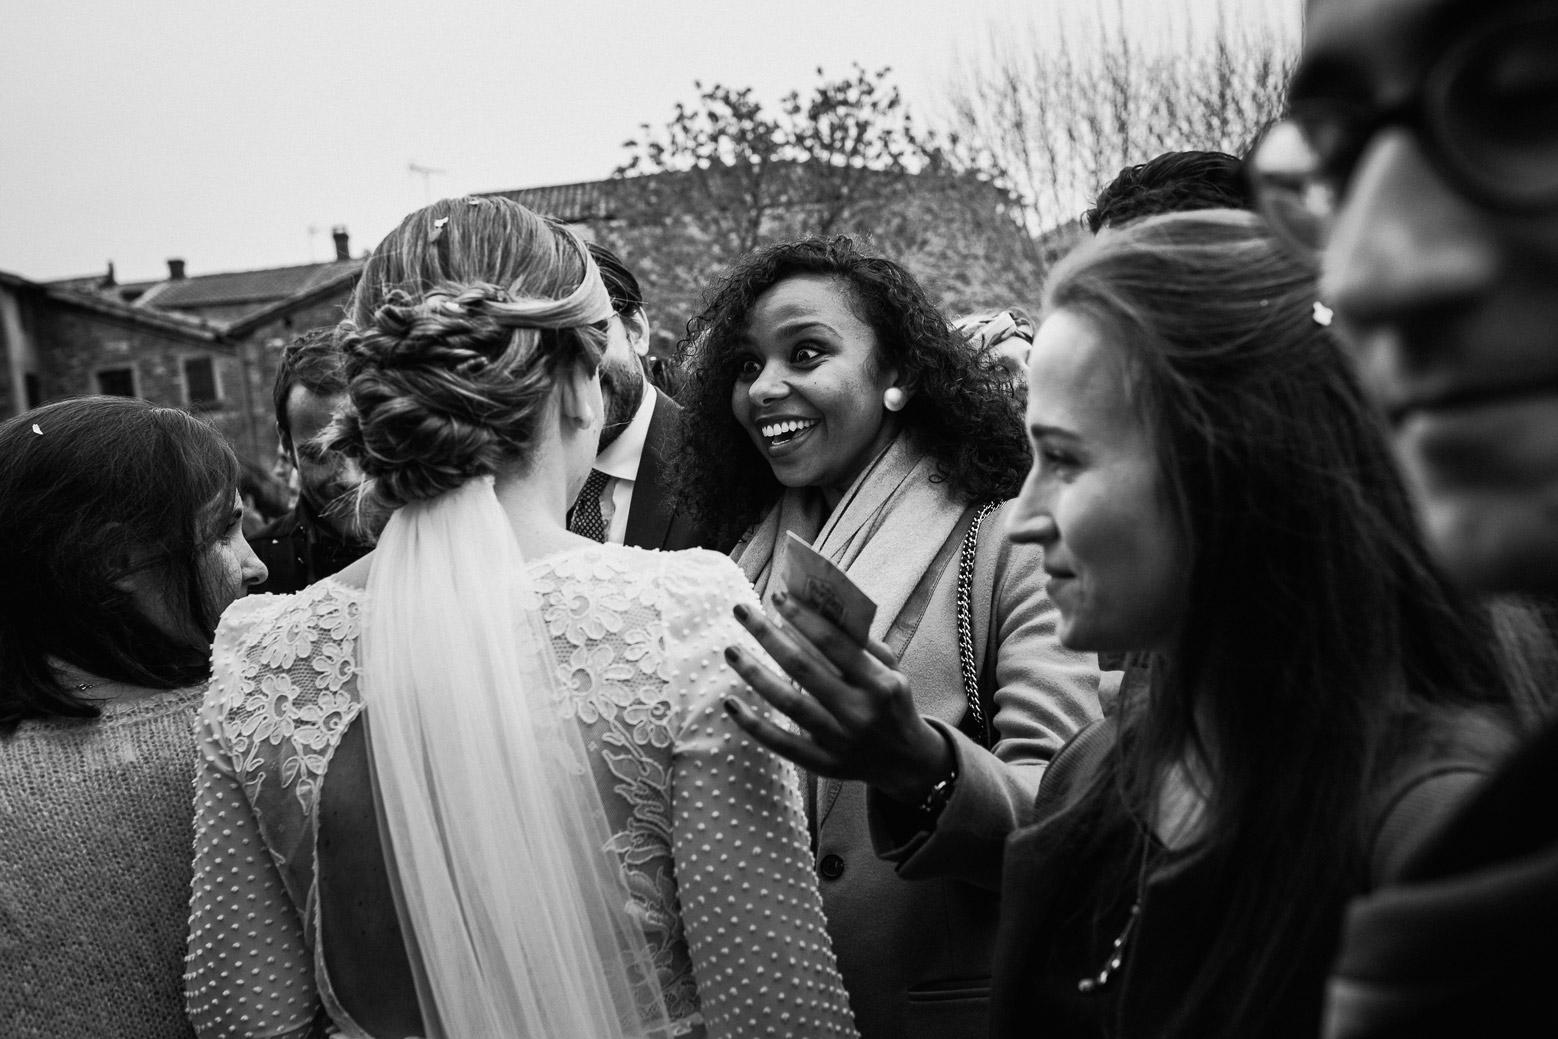 Reportage photo de mariage à Lyon - Manoir de la Garde. La mariée embrasse ses invités